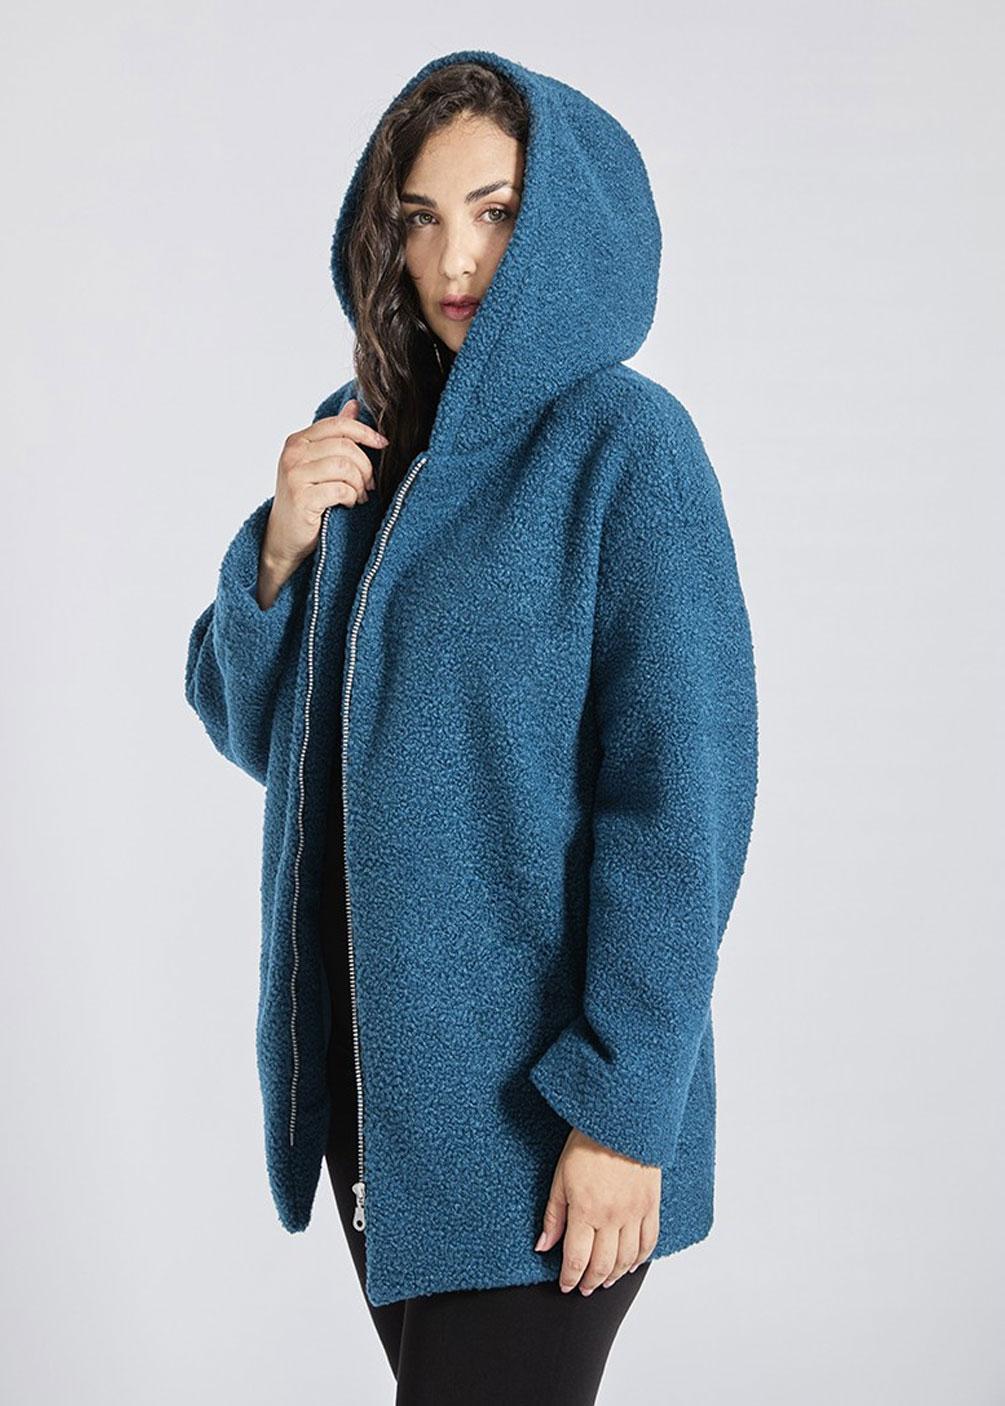 abrigo borrego tallas grandes curvy spg auzu 2022